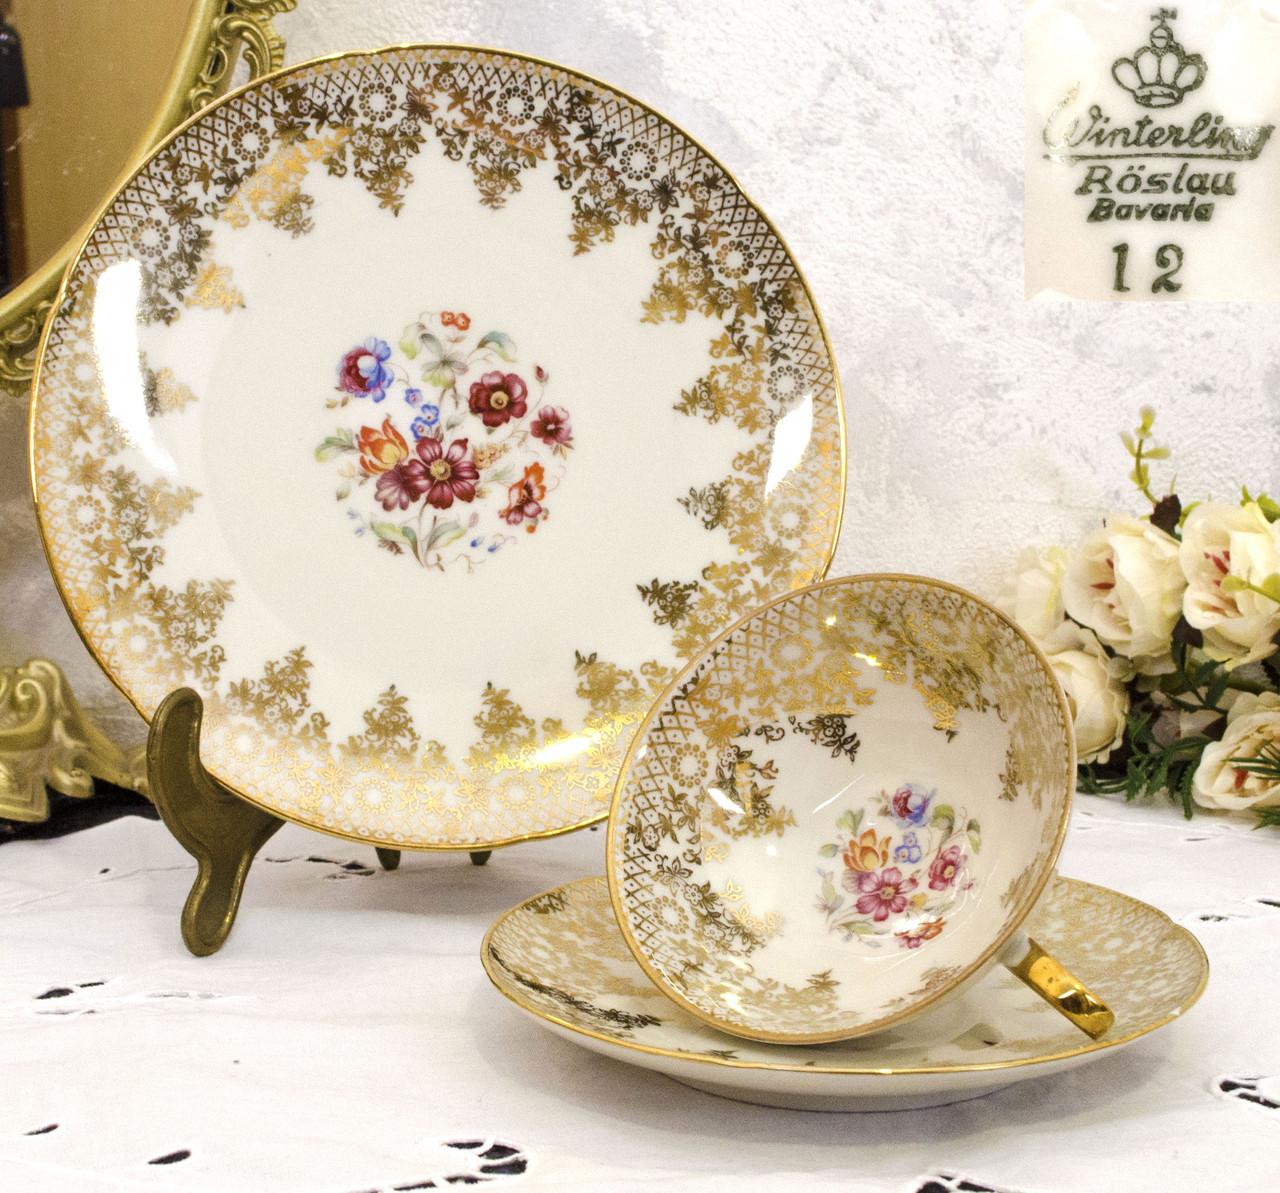 Антикварная фарфоровая чайная тройка, чашка, блюдце, тарелка, Winterling Roslau, Германия, фарфор